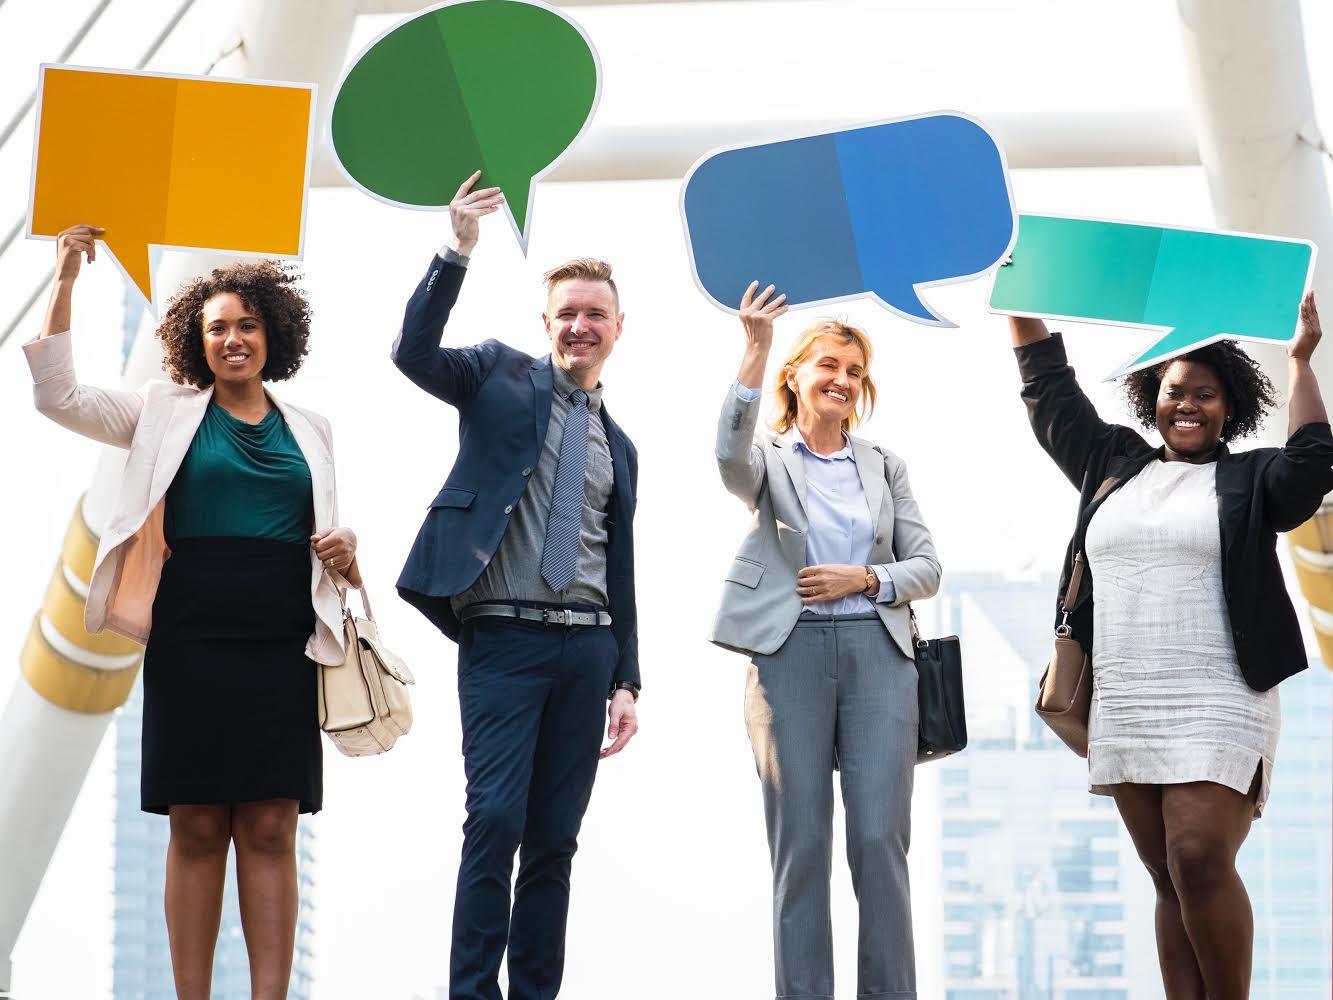 Értsd meg a személyiségtípusokat és kommunikálj hatékonyabban!